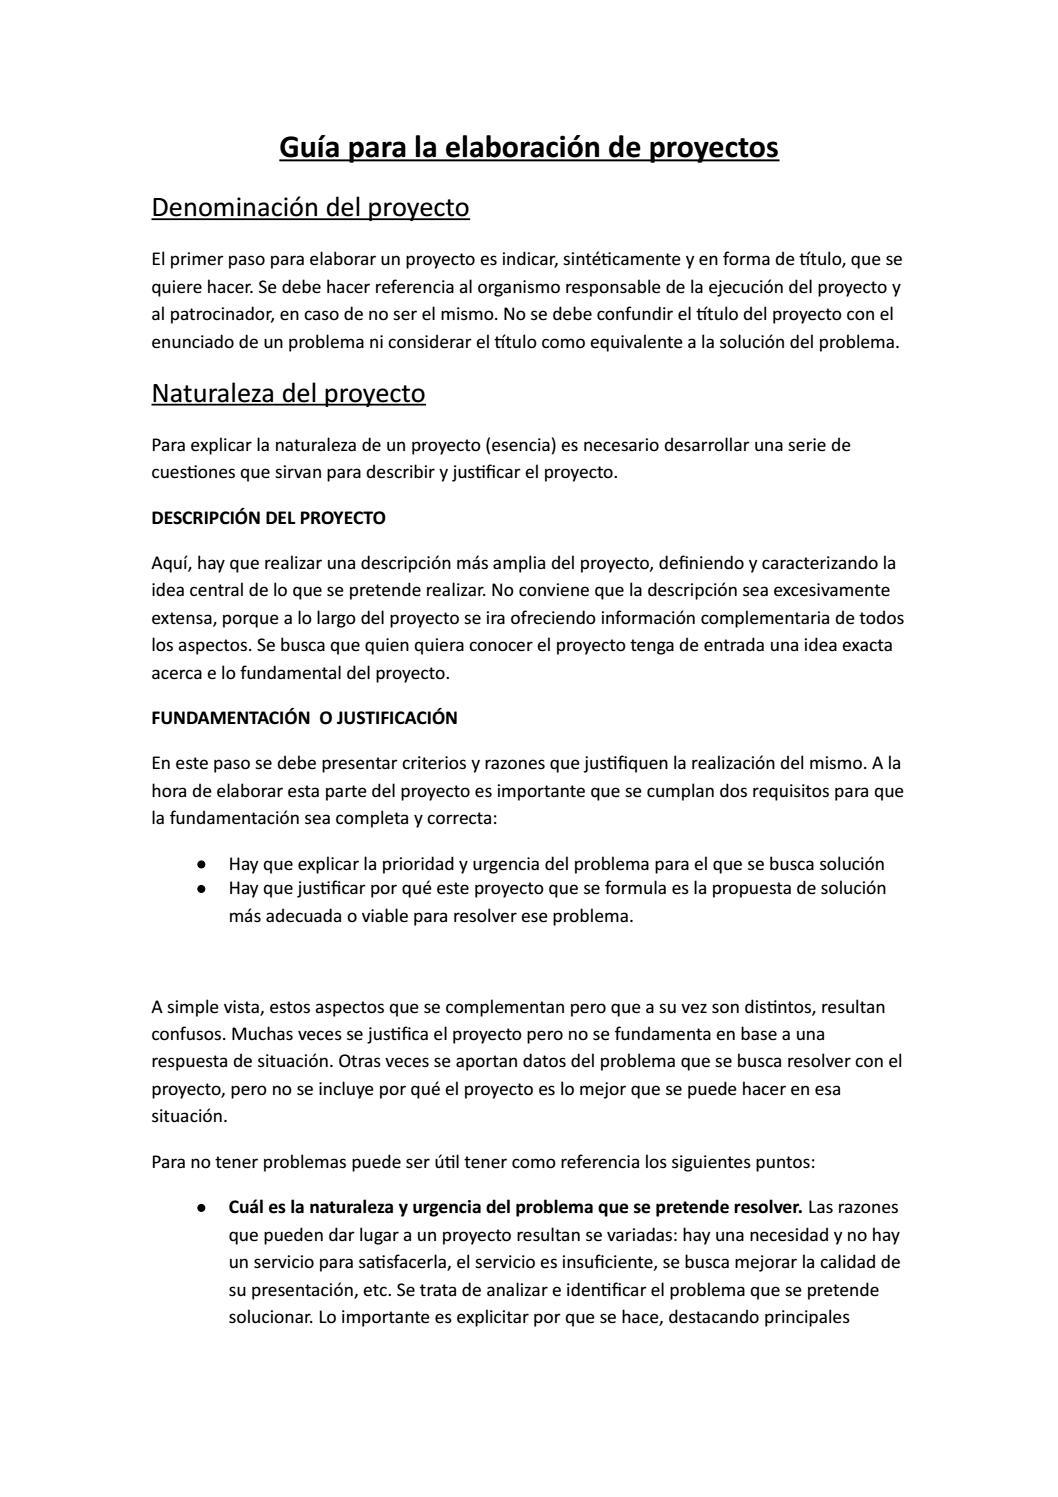 Guía Para La Elaboración De Proyectos By Gonzalotraynor Issuu